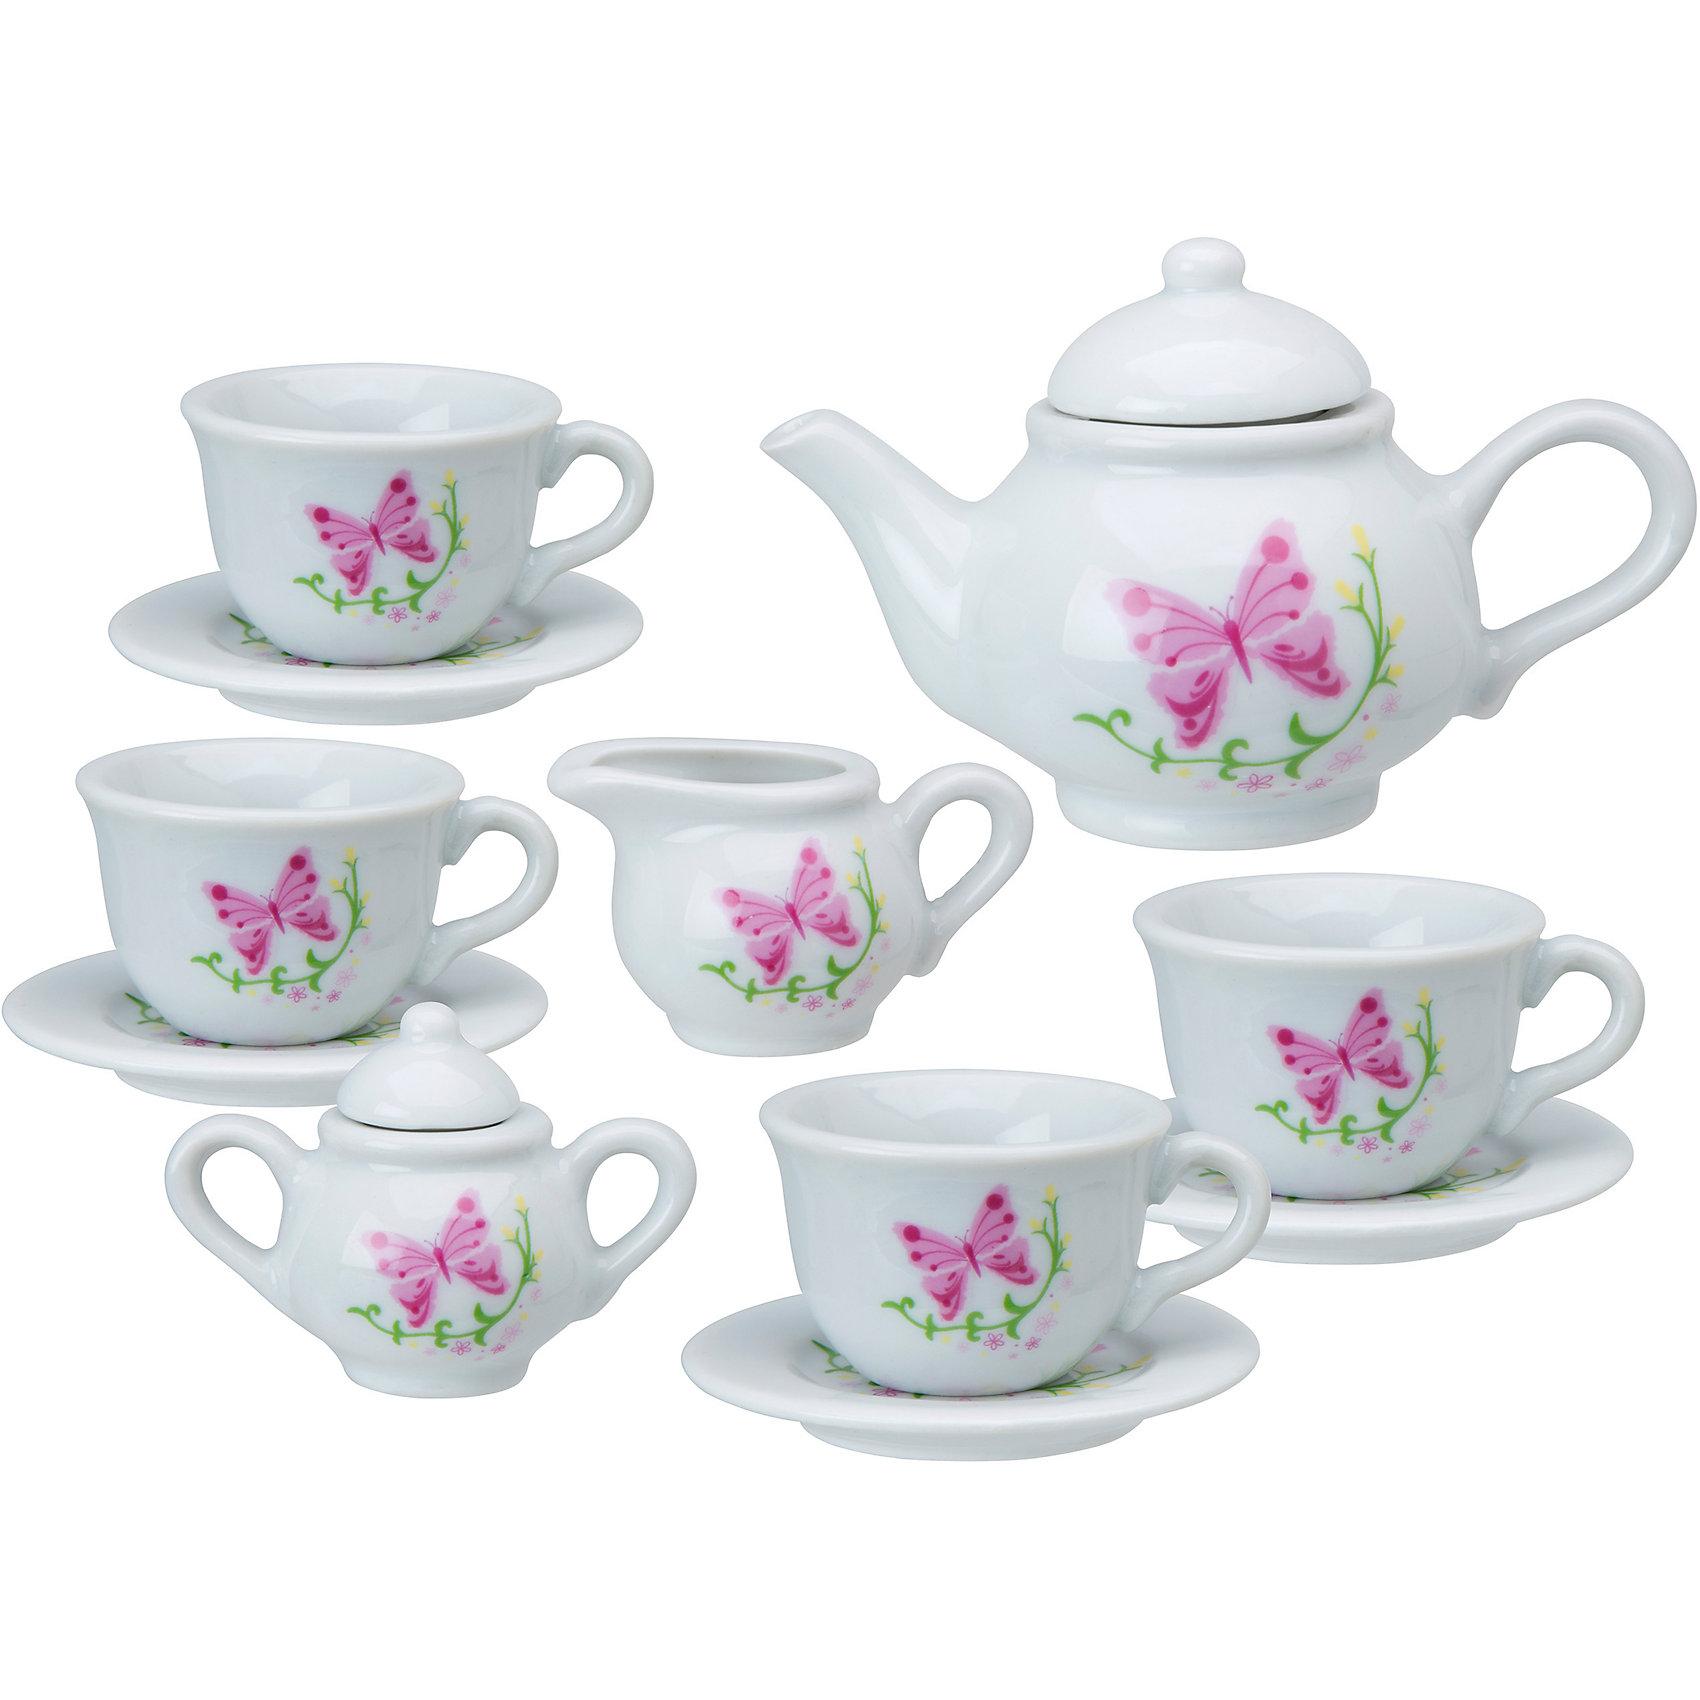 Чайный сервиз Бабочки в саду, 13 предметов, ALEXПосуда и аксессуары для детской кухни<br>Чайный сервиз от Алекс из 13 предметов сделан из высококачественной керамики. Набор отличает классический стильный дизайн и очаровательный декор в виде бабочек. В комплект входят 4 чашки, 4 блюдца, чайник с крышкой, сахарница с крышкой и кувшинчик для сливок.<br><br>Дополнительная информация:<br><br>Размер упаковки: 25 х 21 х 5 см.<br>Материал: керамика<br><br>Чайный сервиз Бабочки в саду, 13 предметов, ALEX (Алекс) можно купить в нашем магазине.<br><br>Ширина мм: 305<br>Глубина мм: 229<br>Высота мм: 102<br>Вес г: 700<br>Возраст от месяцев: 36<br>Возраст до месяцев: 96<br>Пол: Женский<br>Возраст: Детский<br>SKU: 4149440